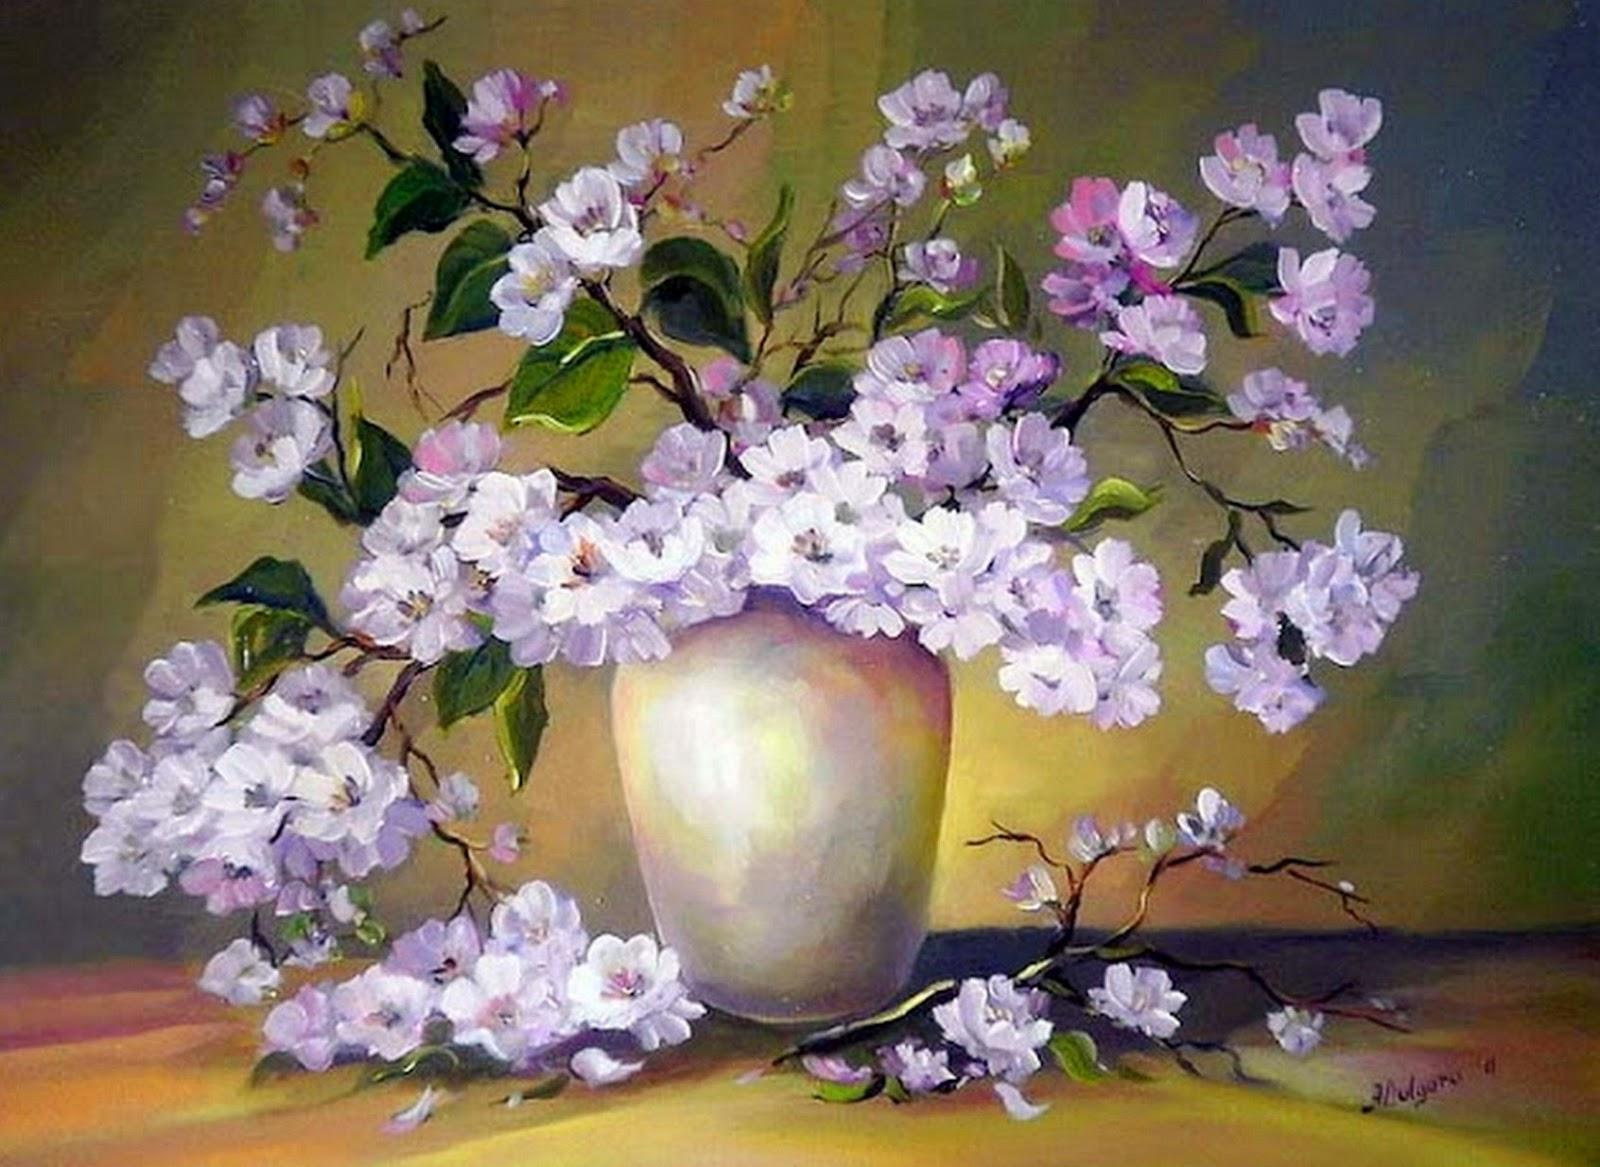 Imagenes De Pinturas Al Oleo De Flores - pinturas de rosas y flores al oleo arte y pintura, abstractos